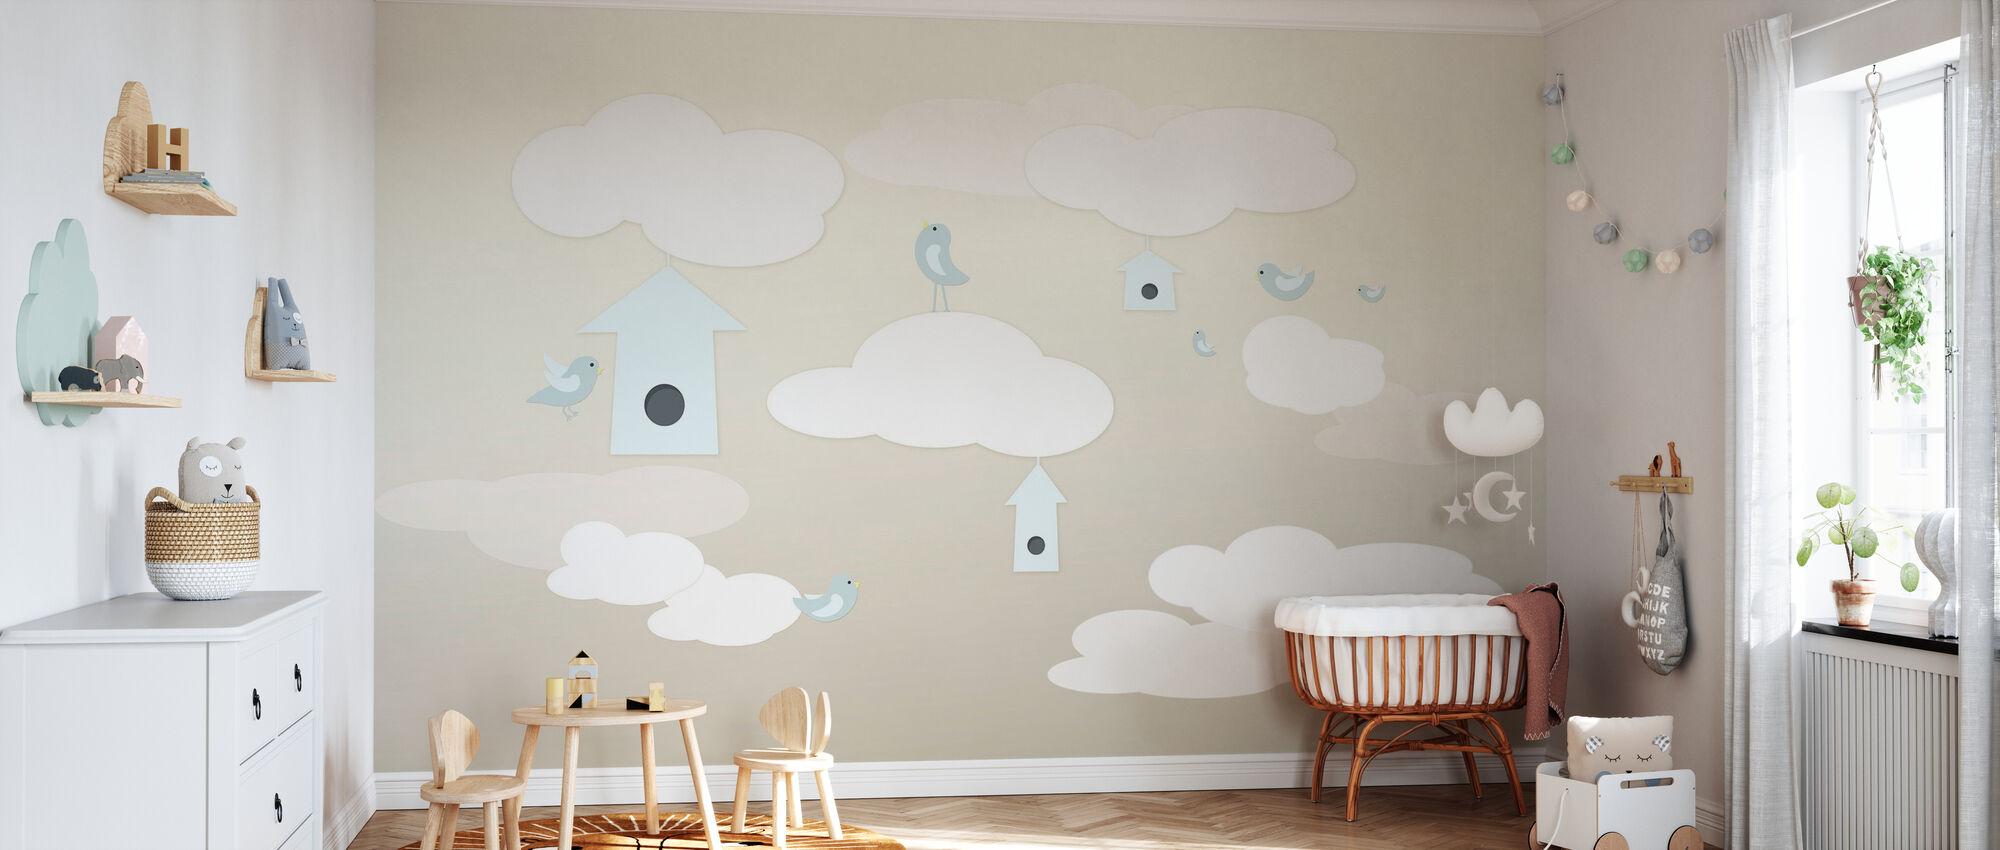 Birds Up High - Wallpaper - Nursery